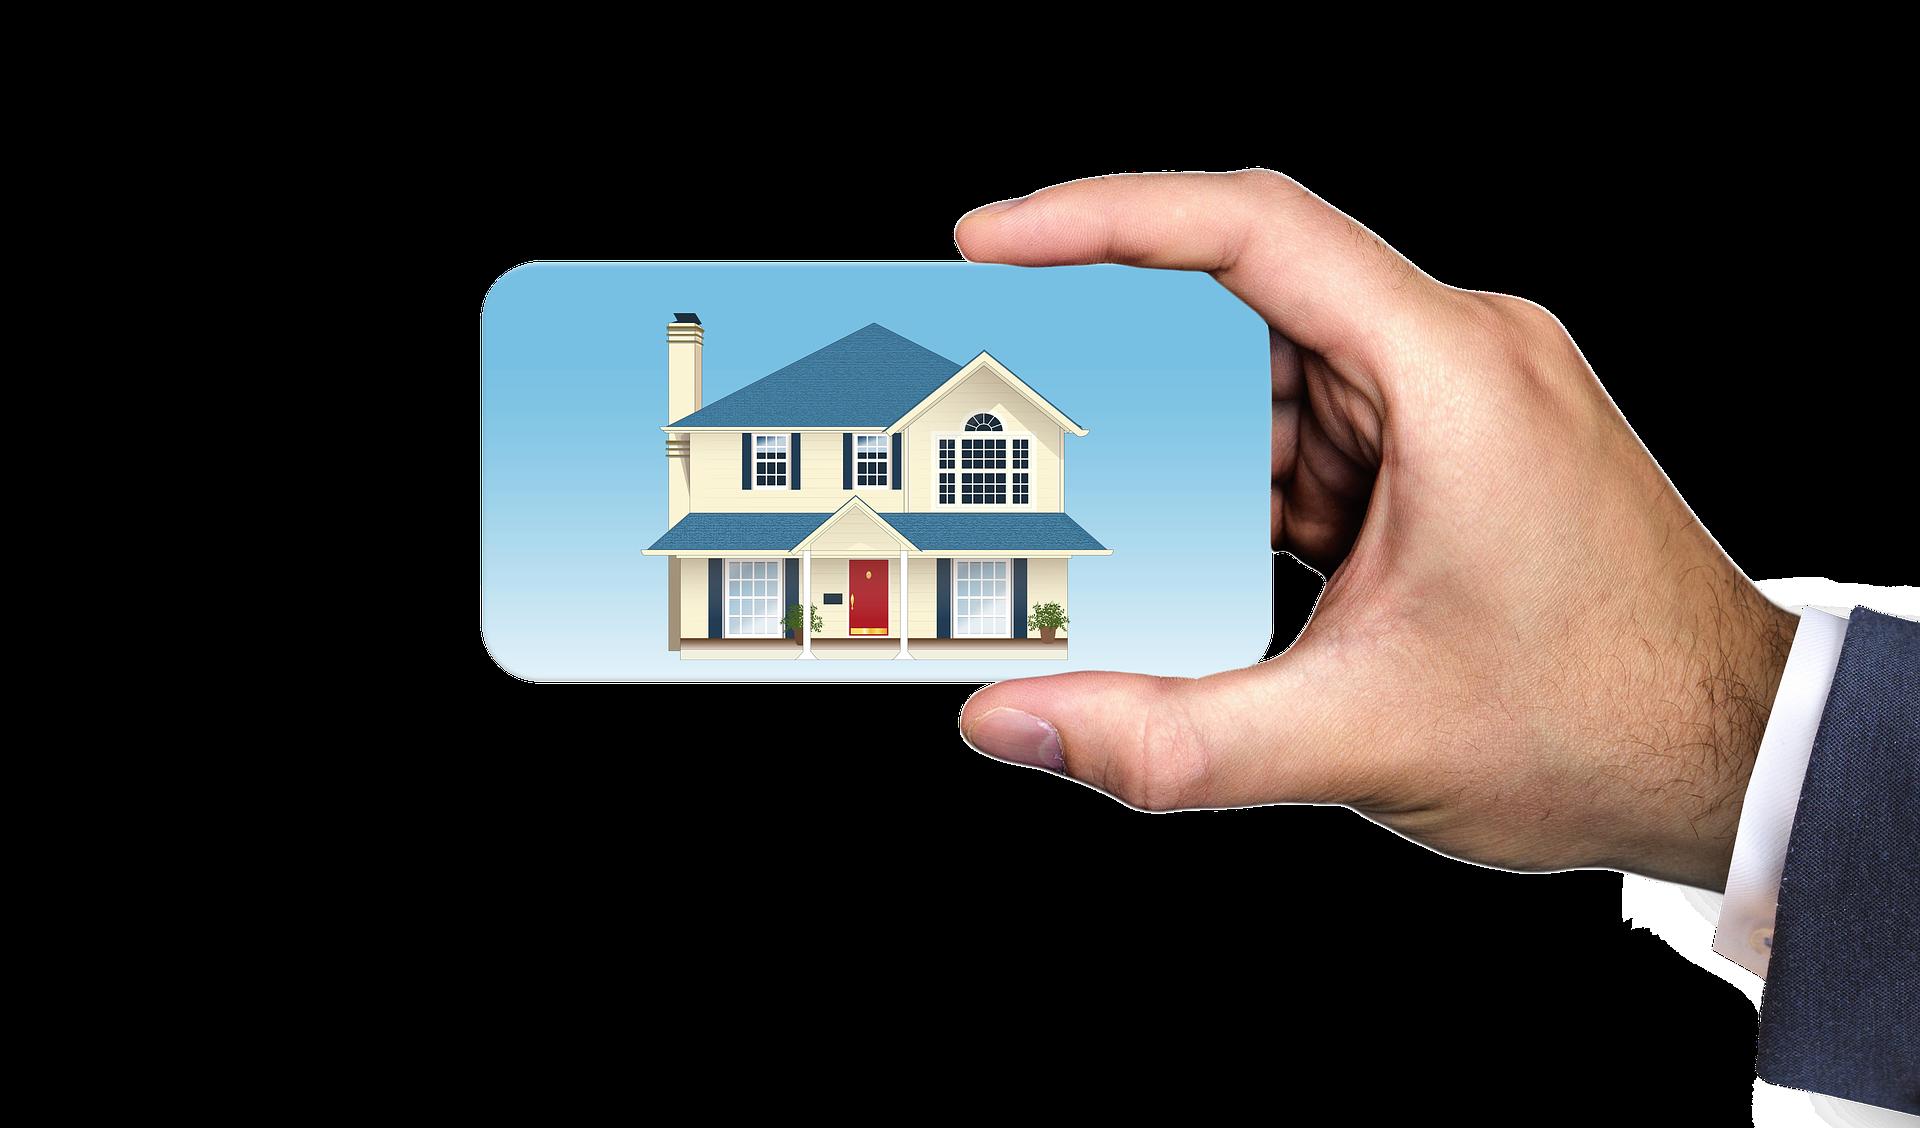 Comment préparer un achat immobilier?